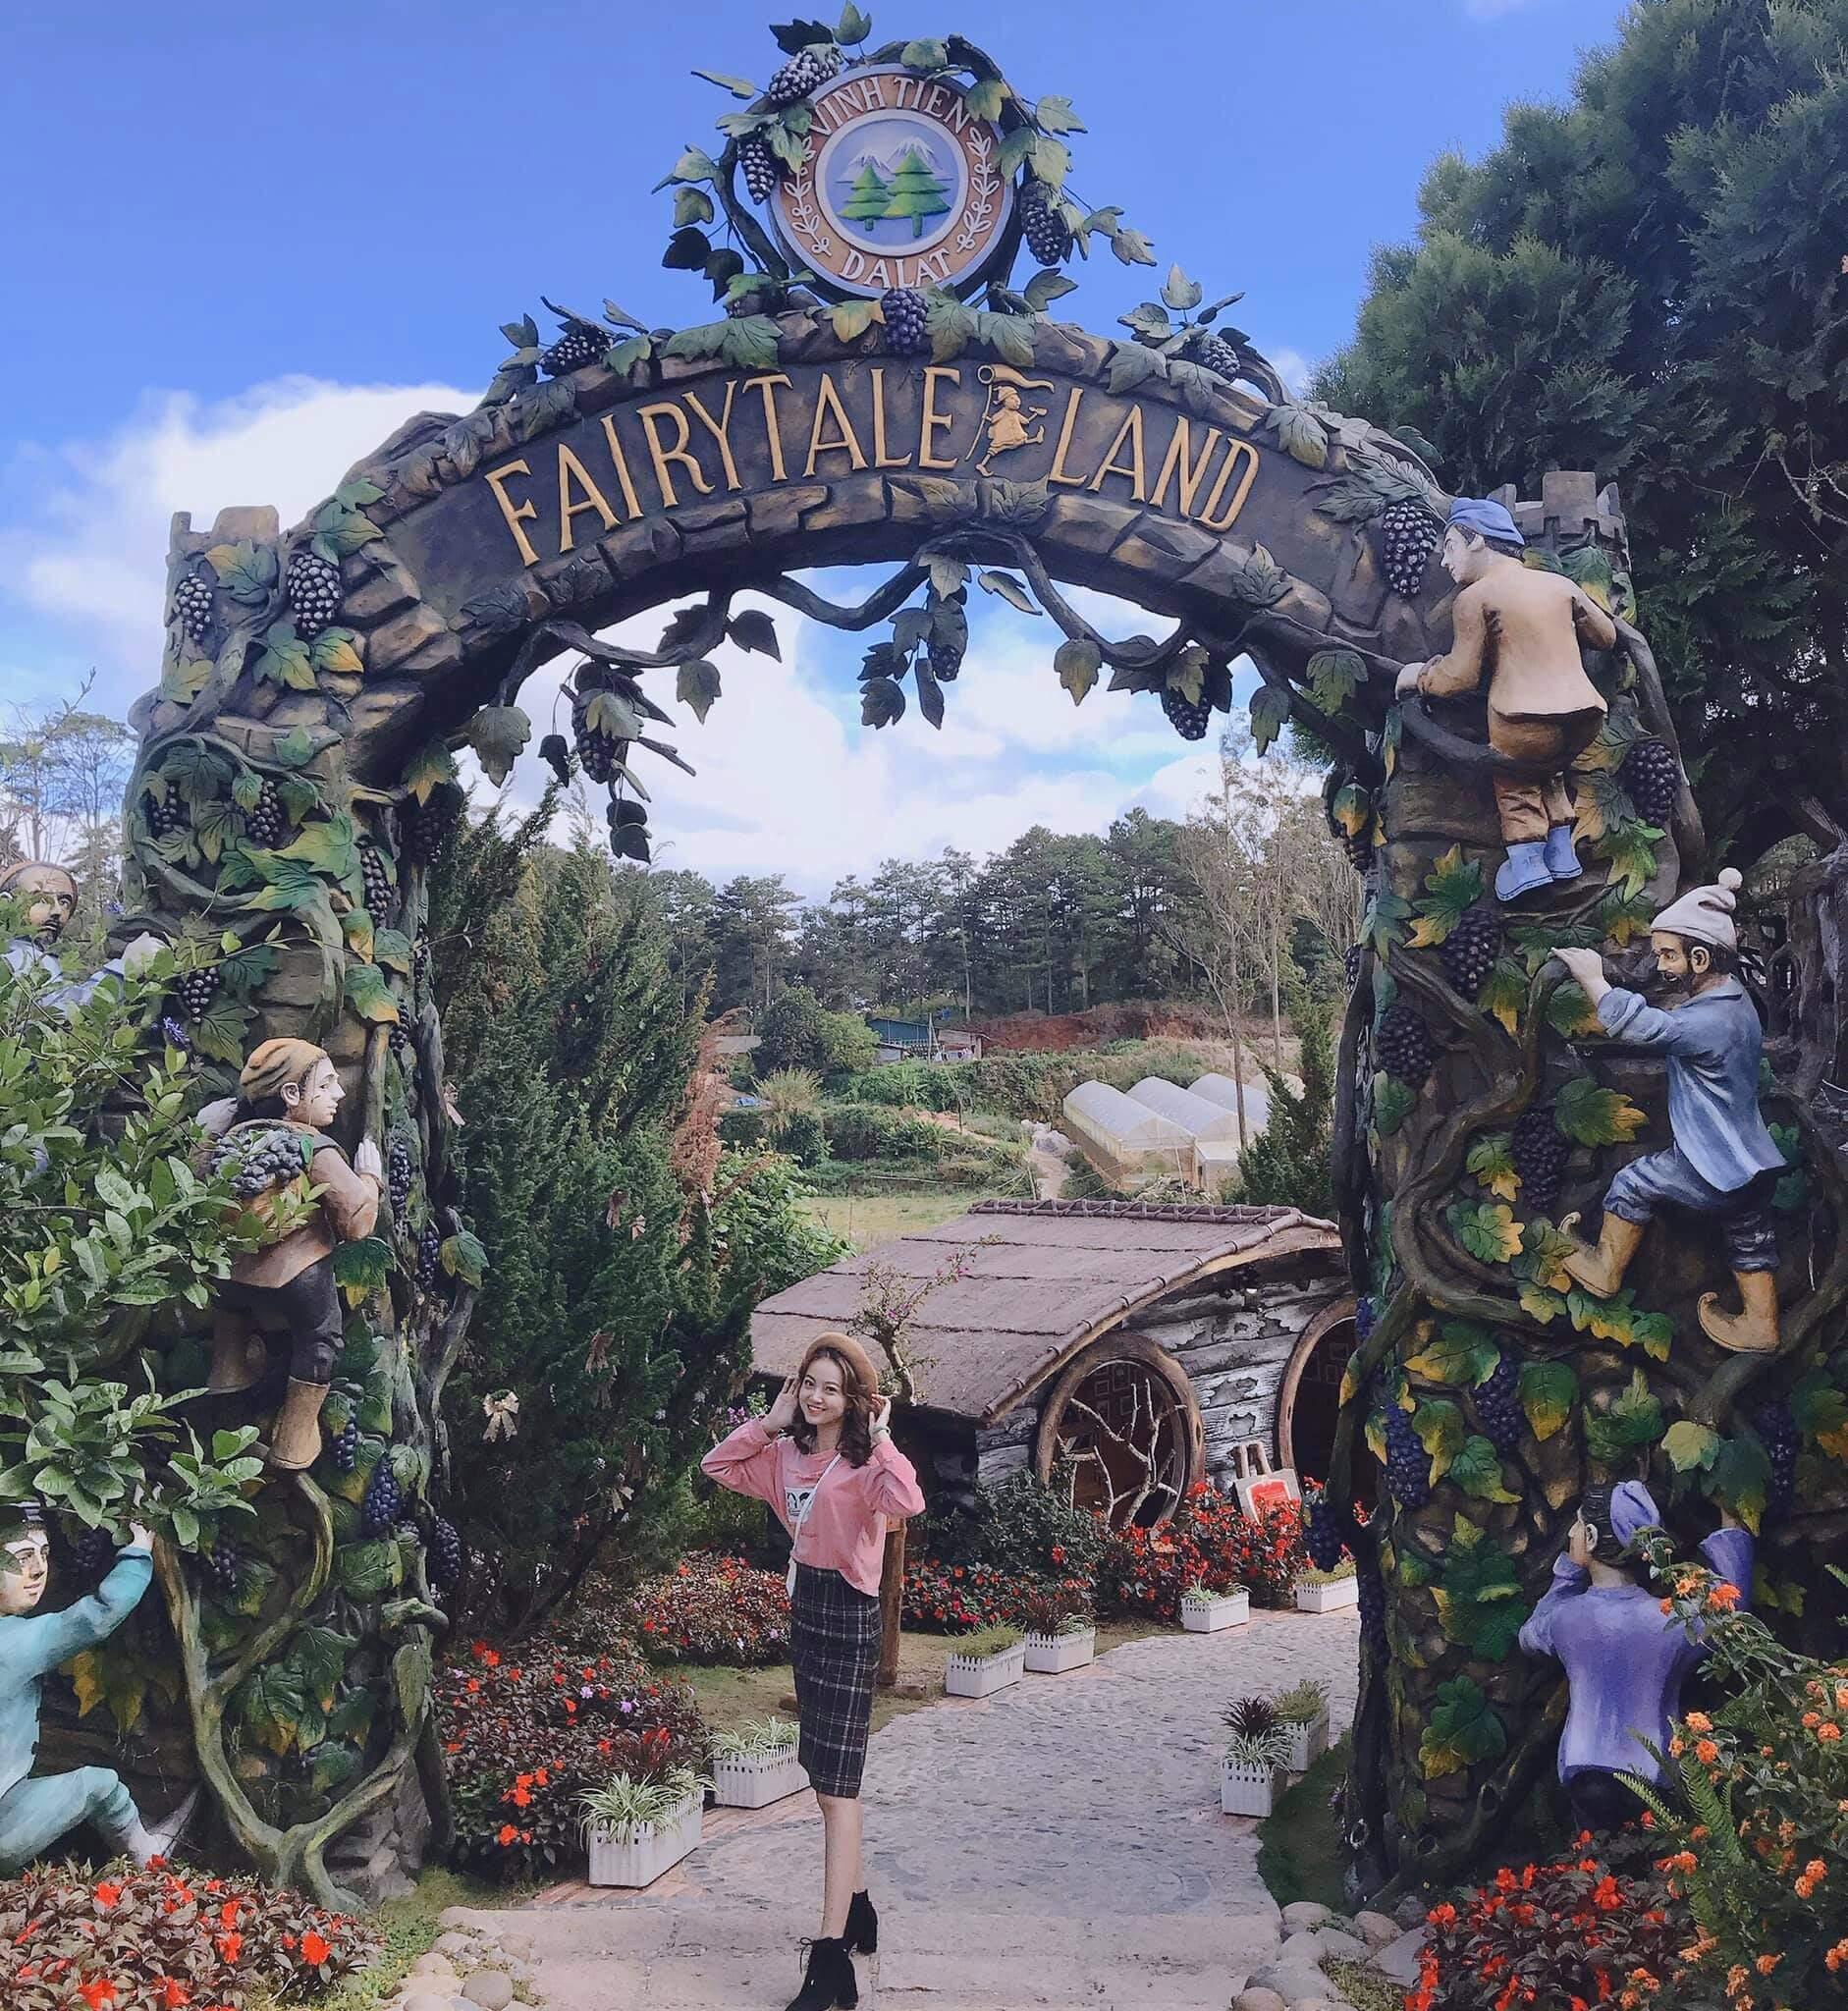 Dalat Fairytale Land Đà Lạt